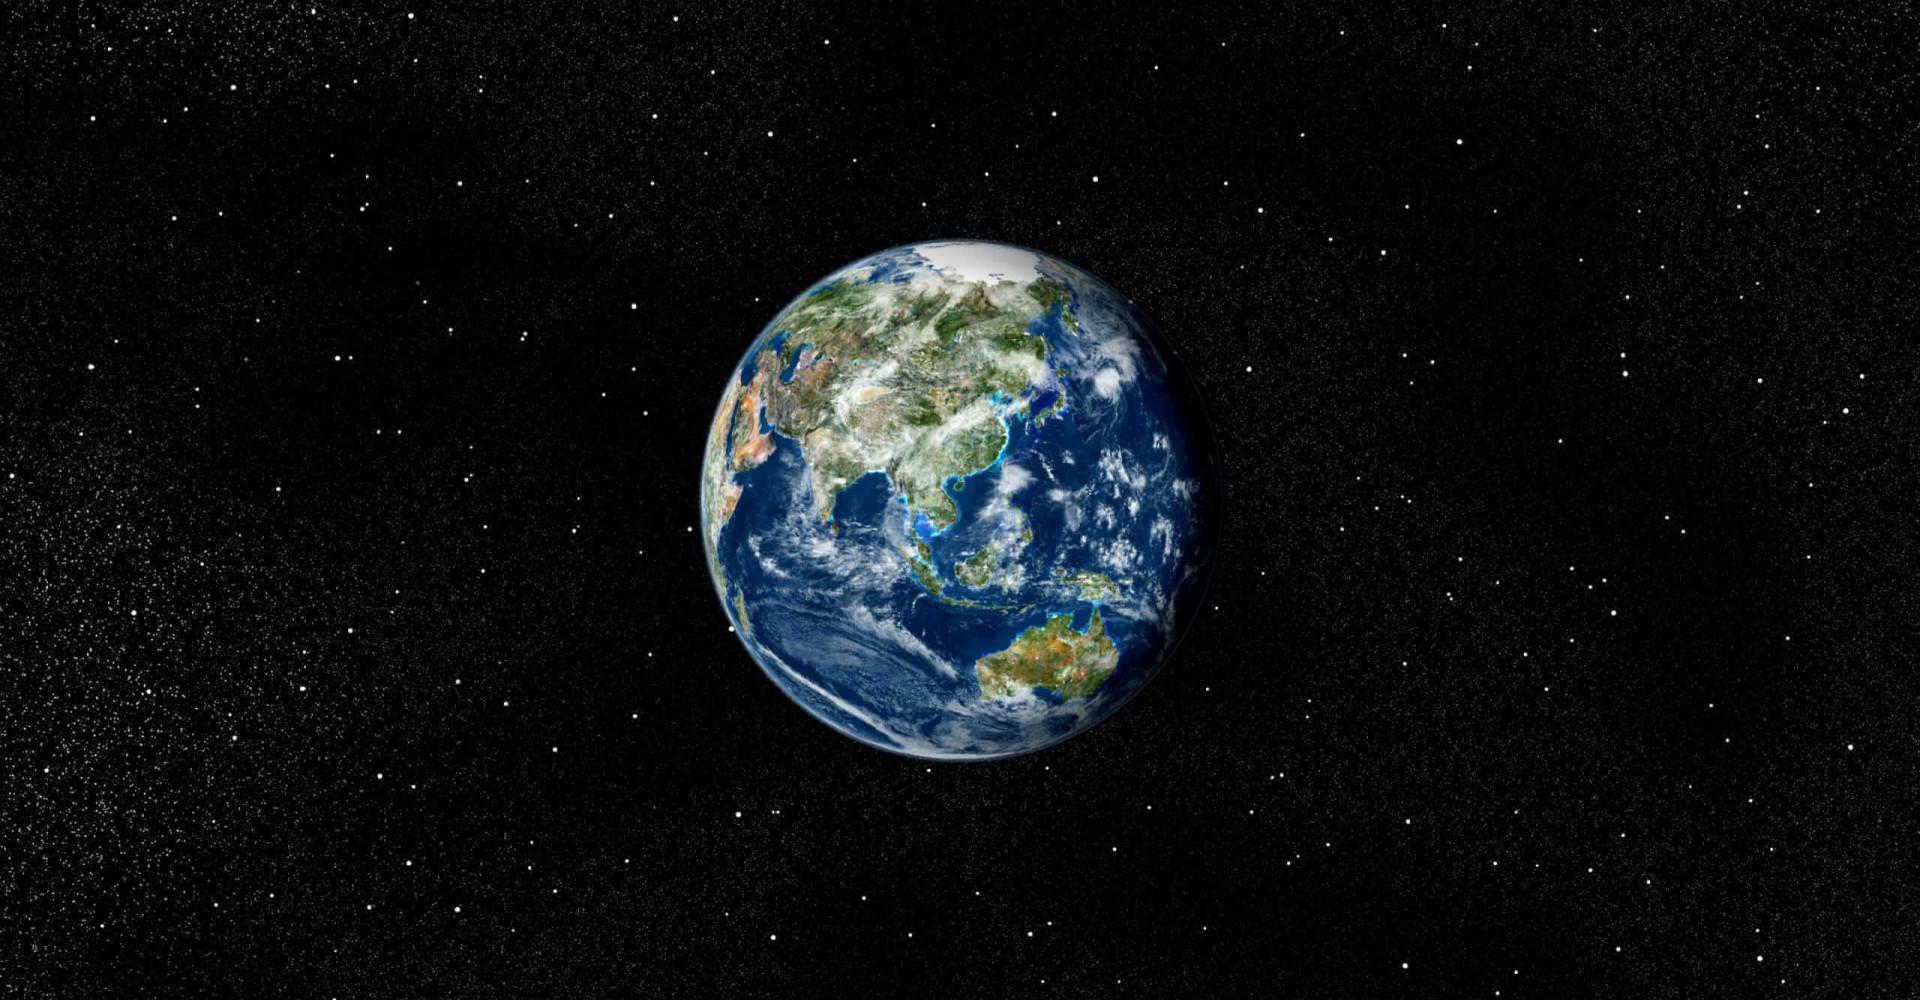 Vad skulle hända om jorden slutade snurra?